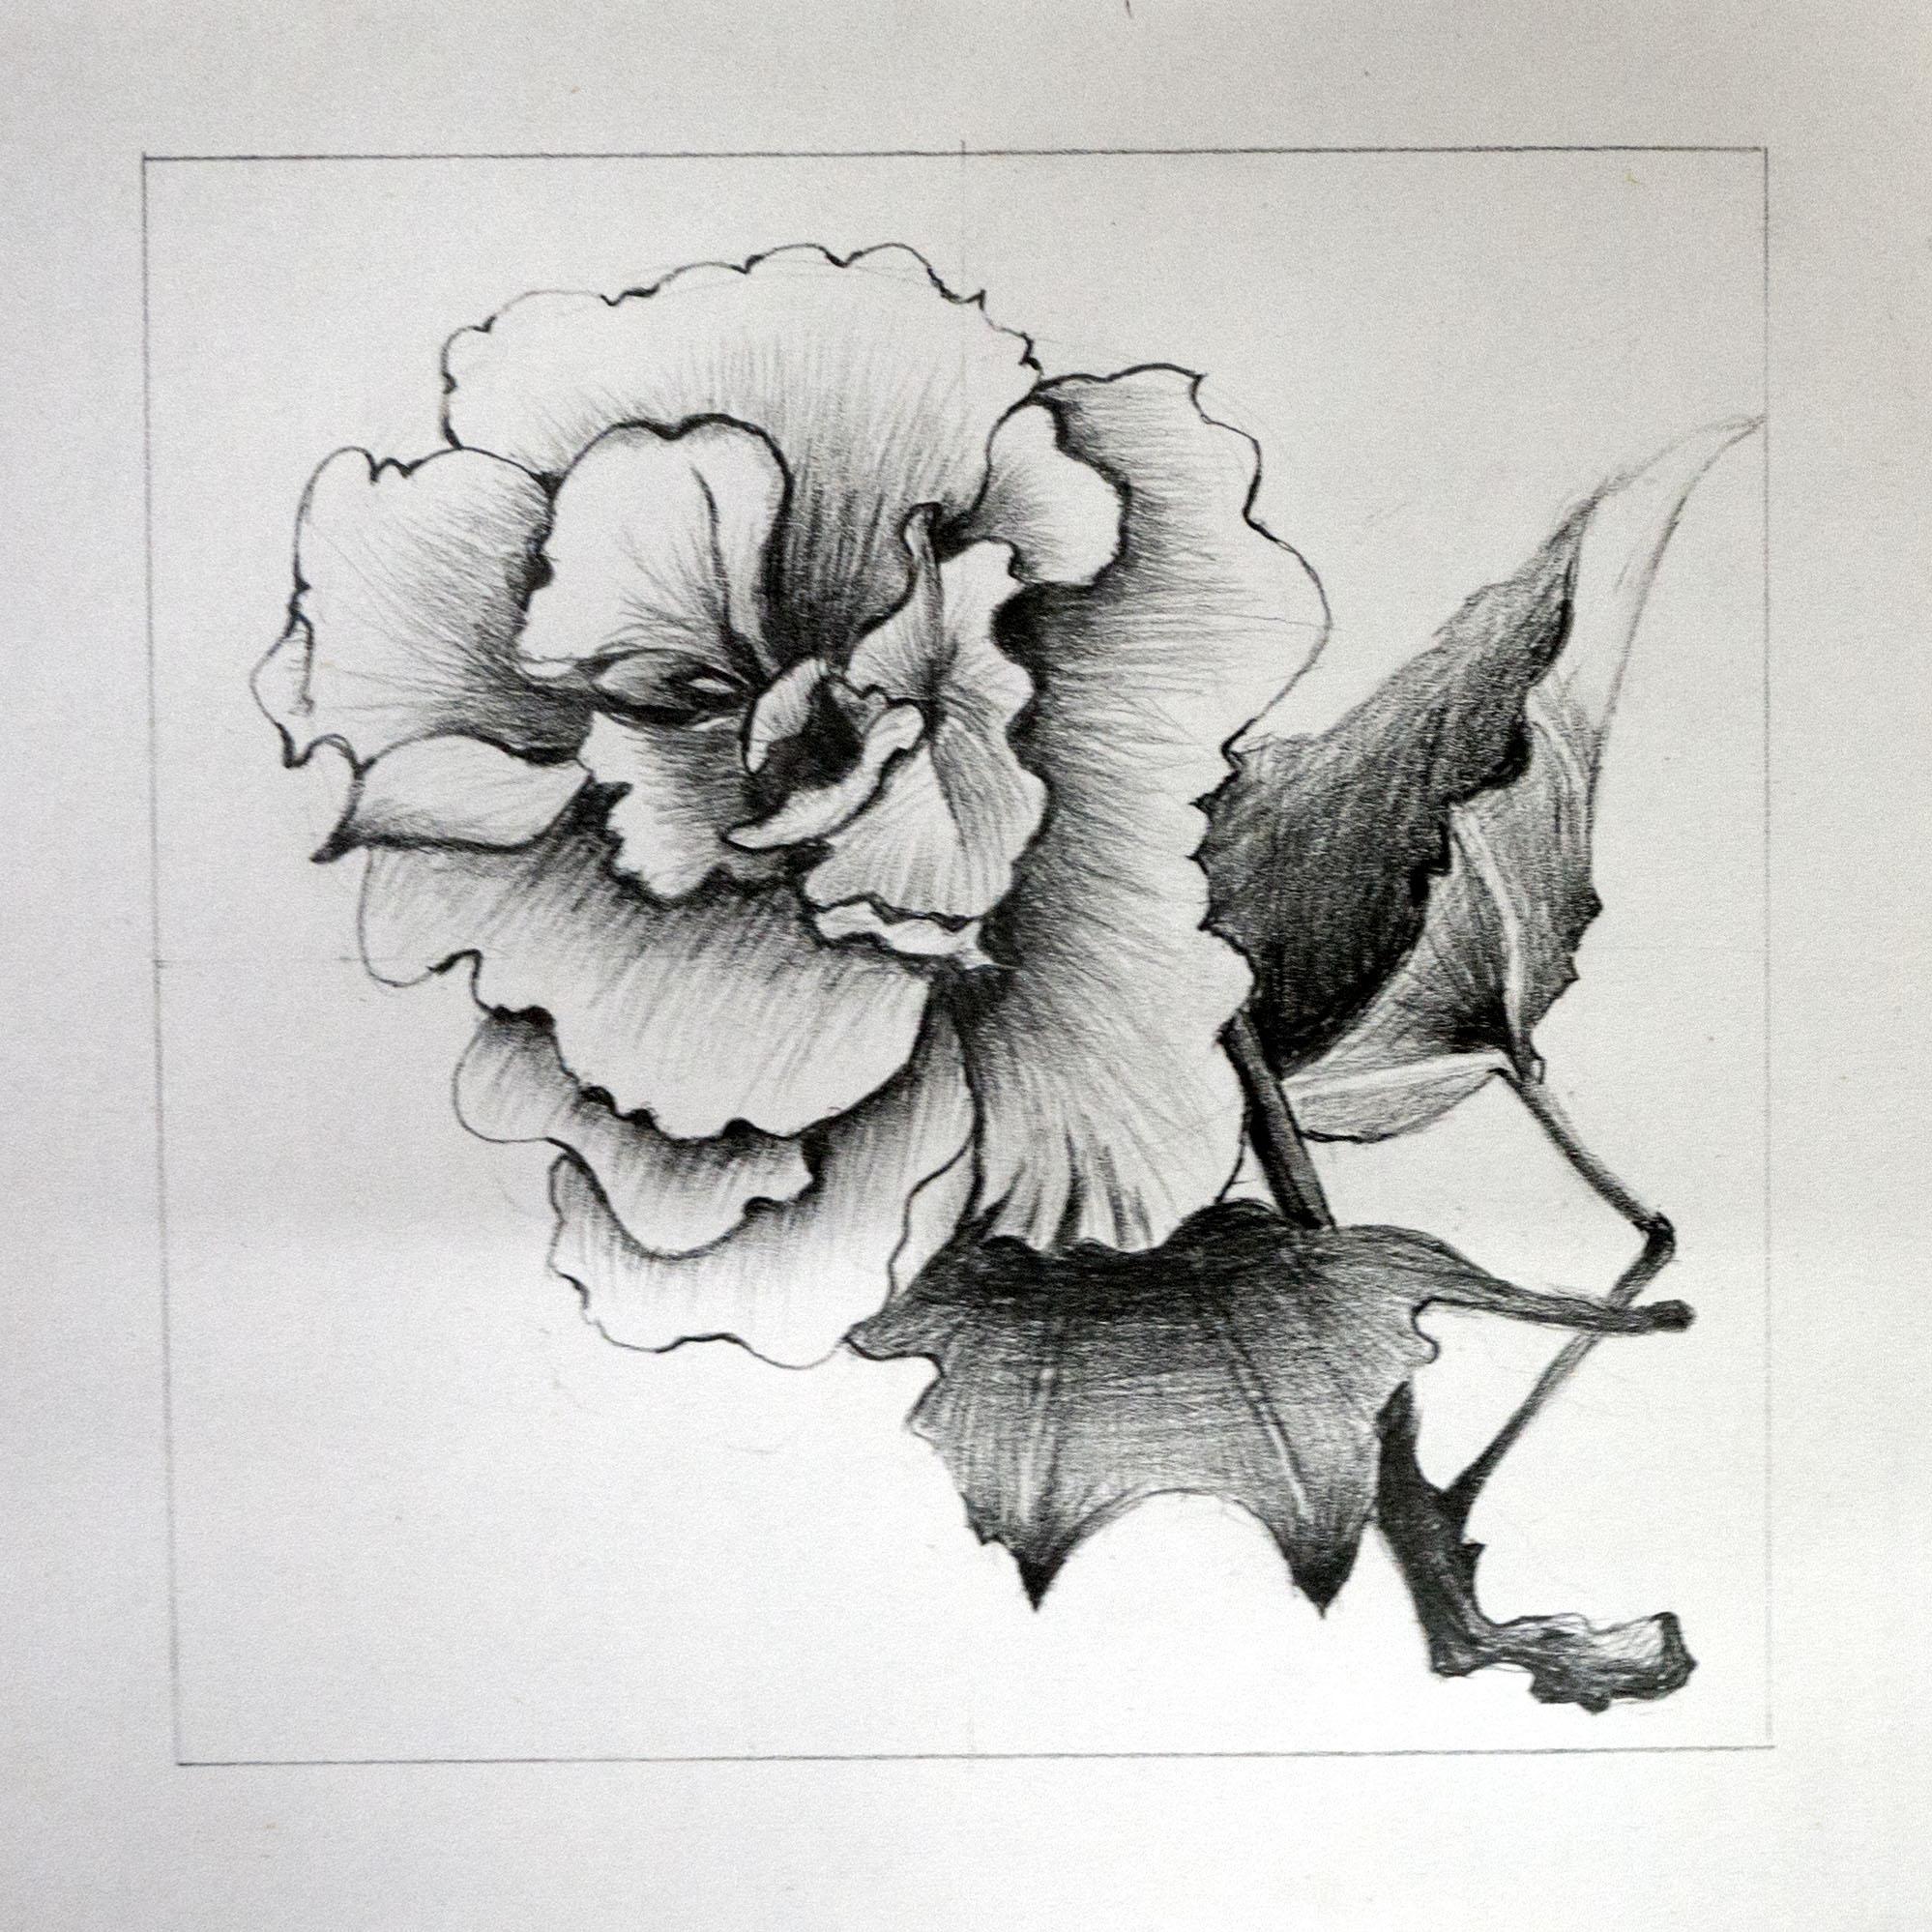 花朵素描画初学者图片-手绘素描 花朵图片